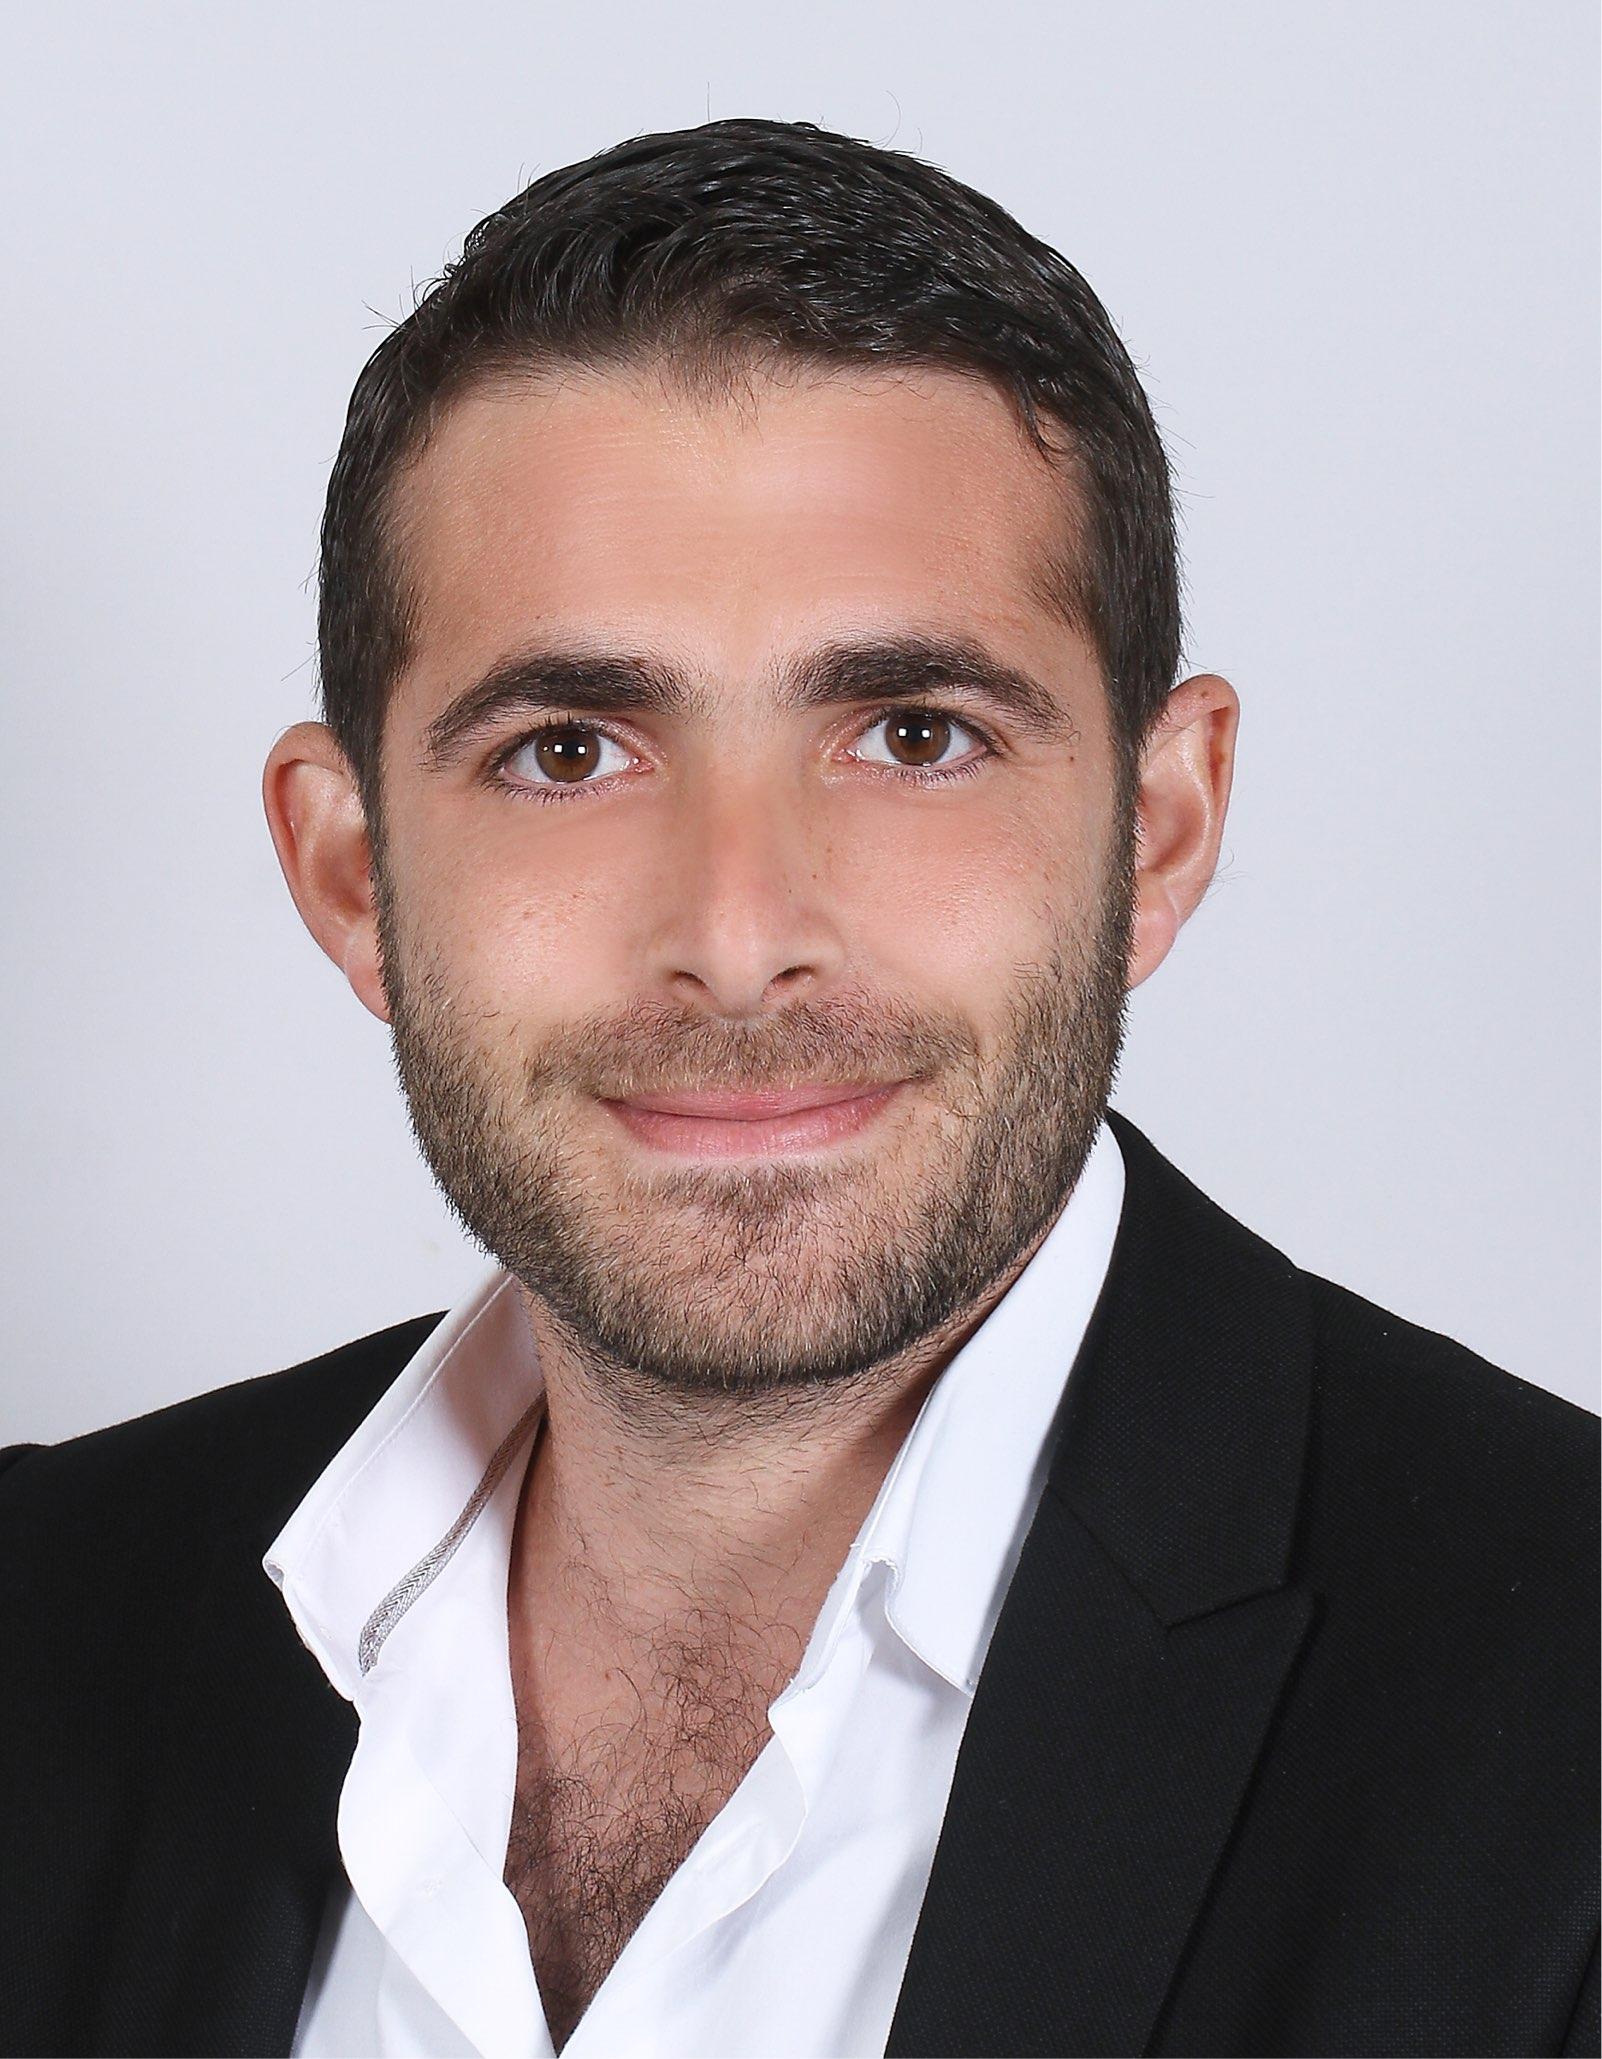 Mickaël Benaderette